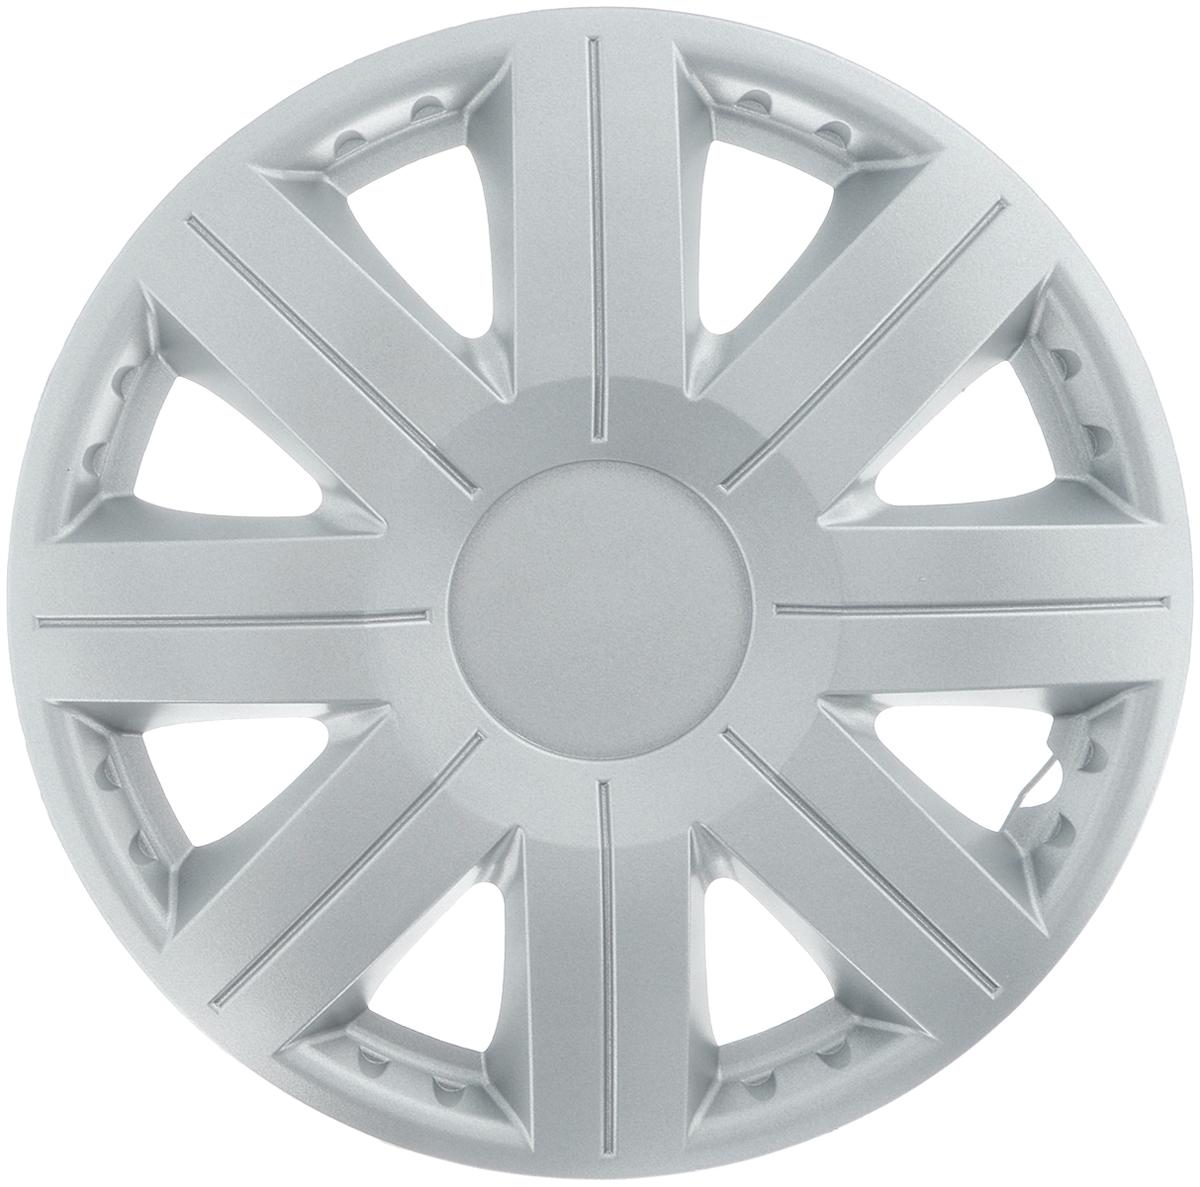 Колпак защитный Phantom Космос, R13 , декоративный, 1 шт. PH57574603726128094Колпак Phantom Космос предназначен для защиты колесного диска и тормозной системы от загрязнений, а также для декоративного украшения автомобиля.Колпак изготовлен из высококачественного масло-бензостойкого пластика, а крепление в виде распорного кольца - из металла.Размер колеса: R13.Диаметр колпака: 37 см.